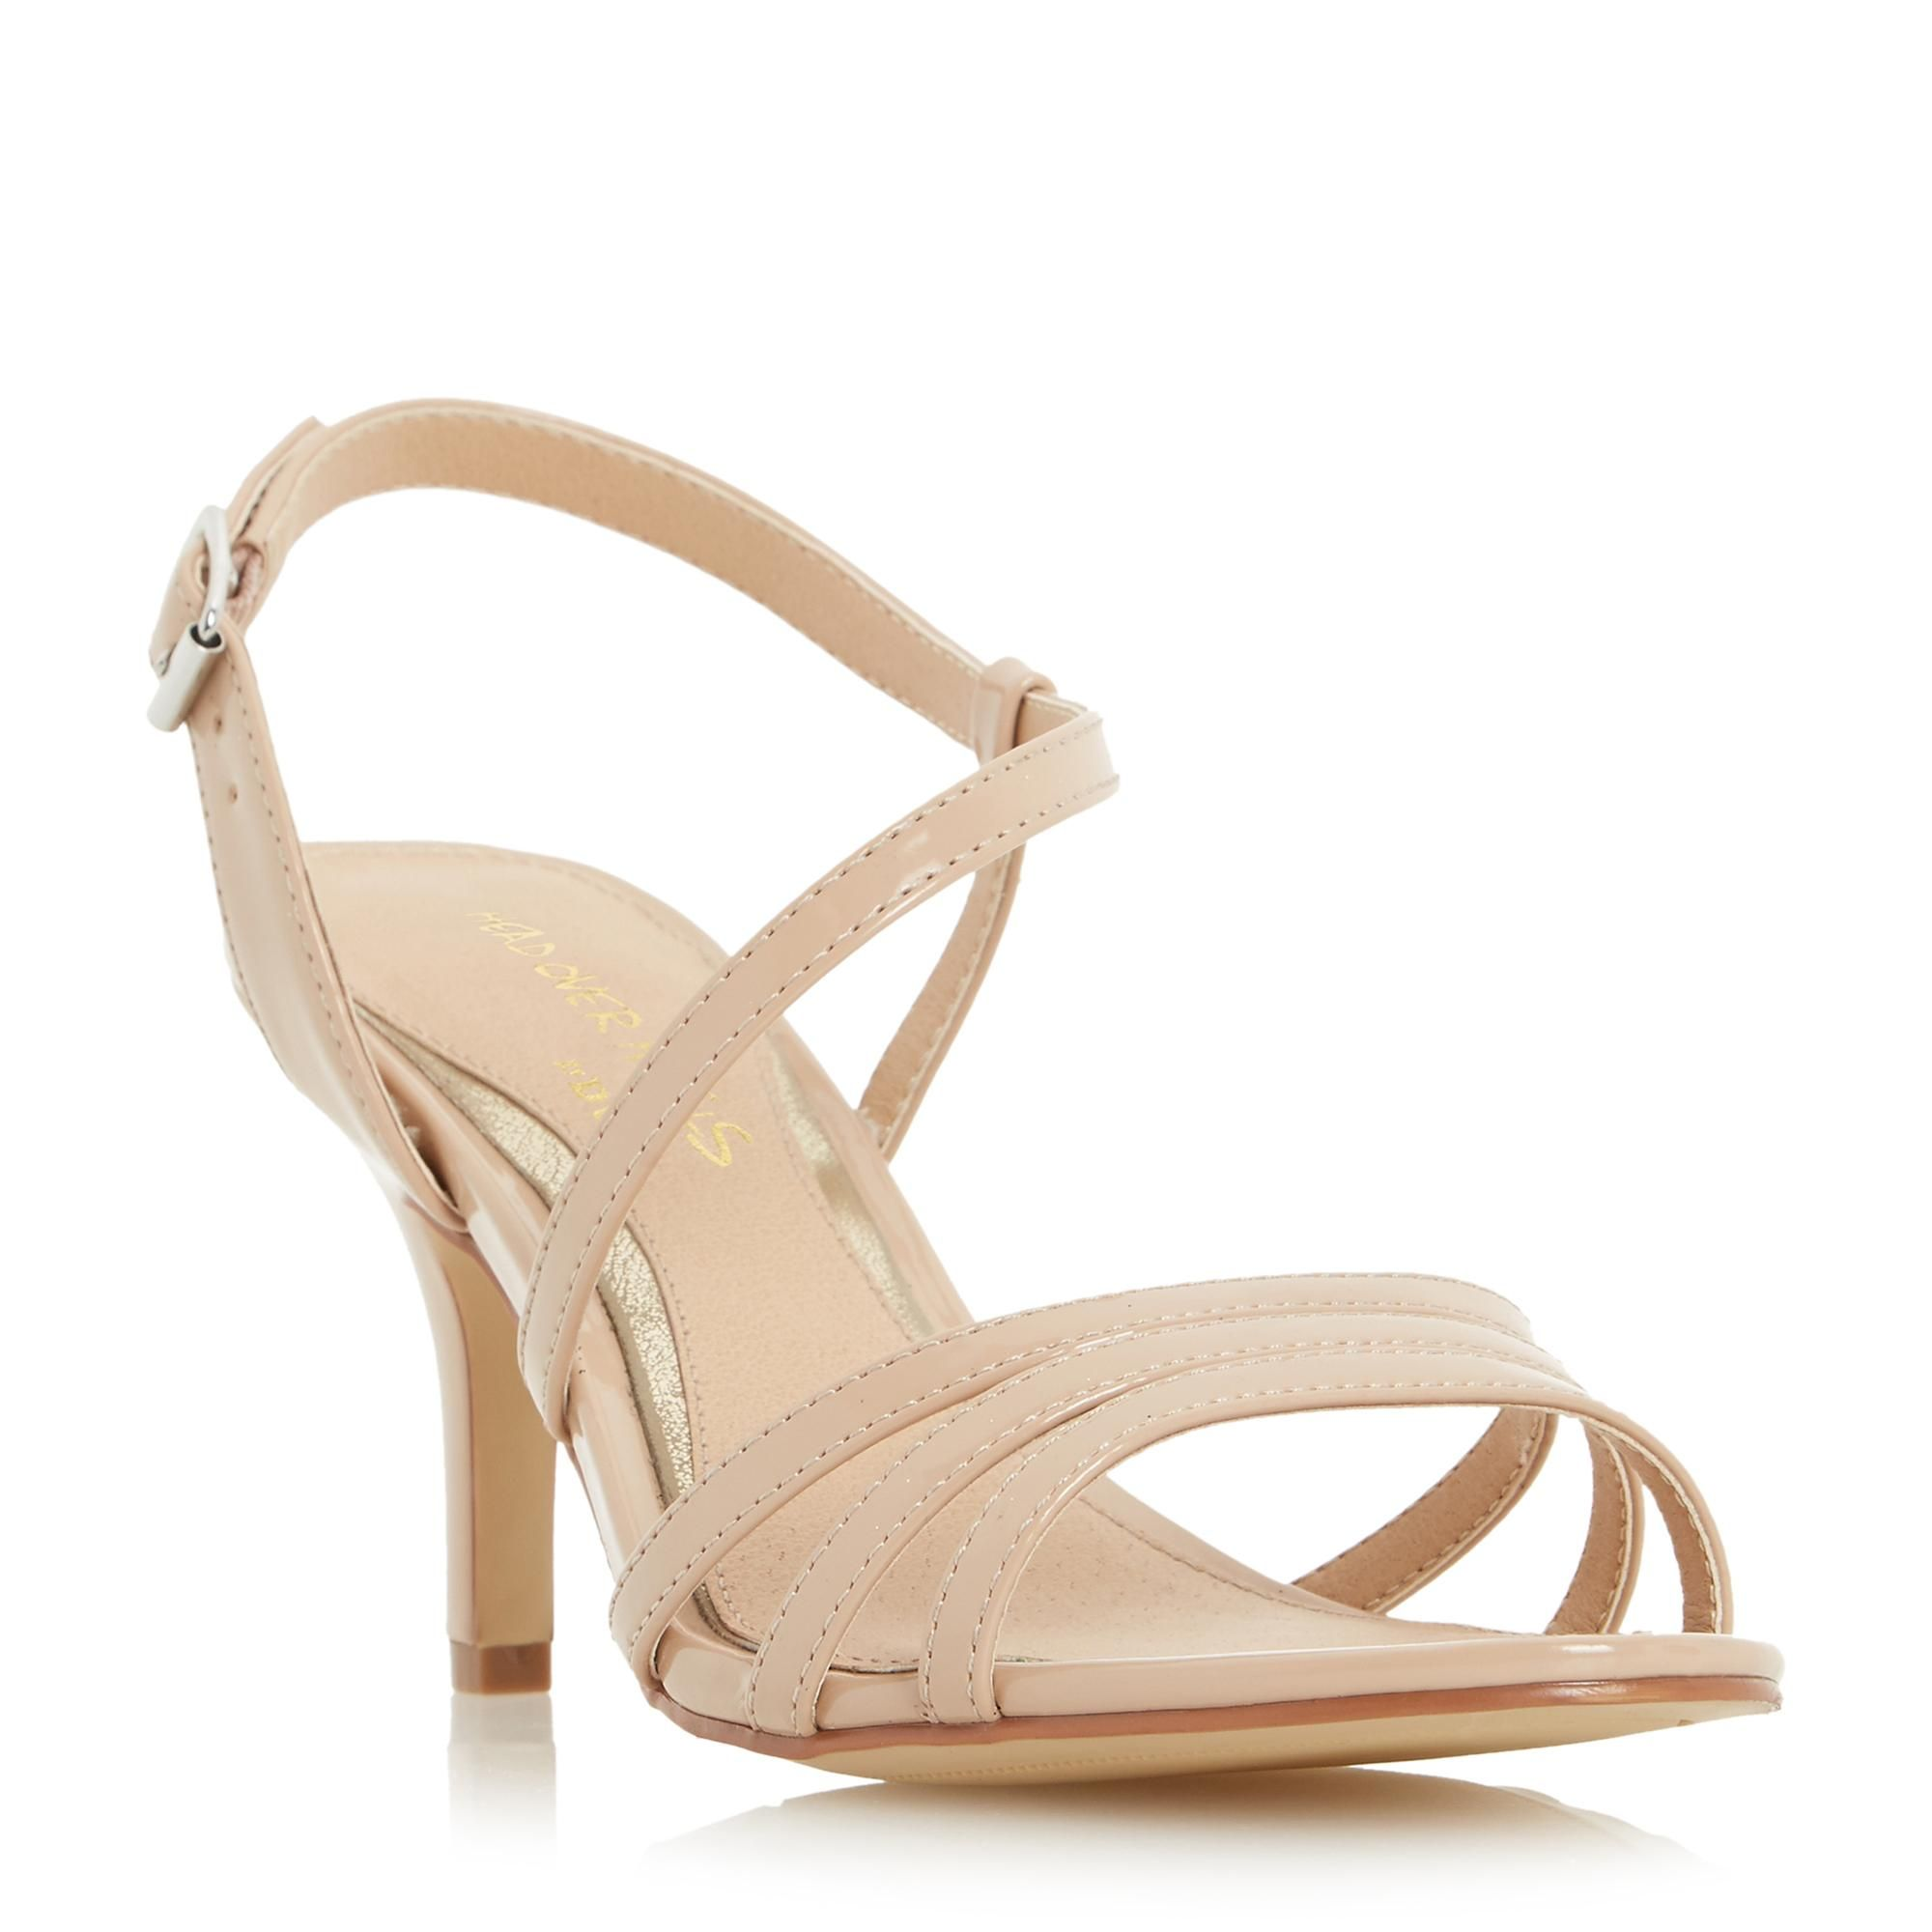 HEAD OVER HEELS LADIES MATTORI - Asymmetric Mid Heel Sandal - nude | Dune  Shoes Online